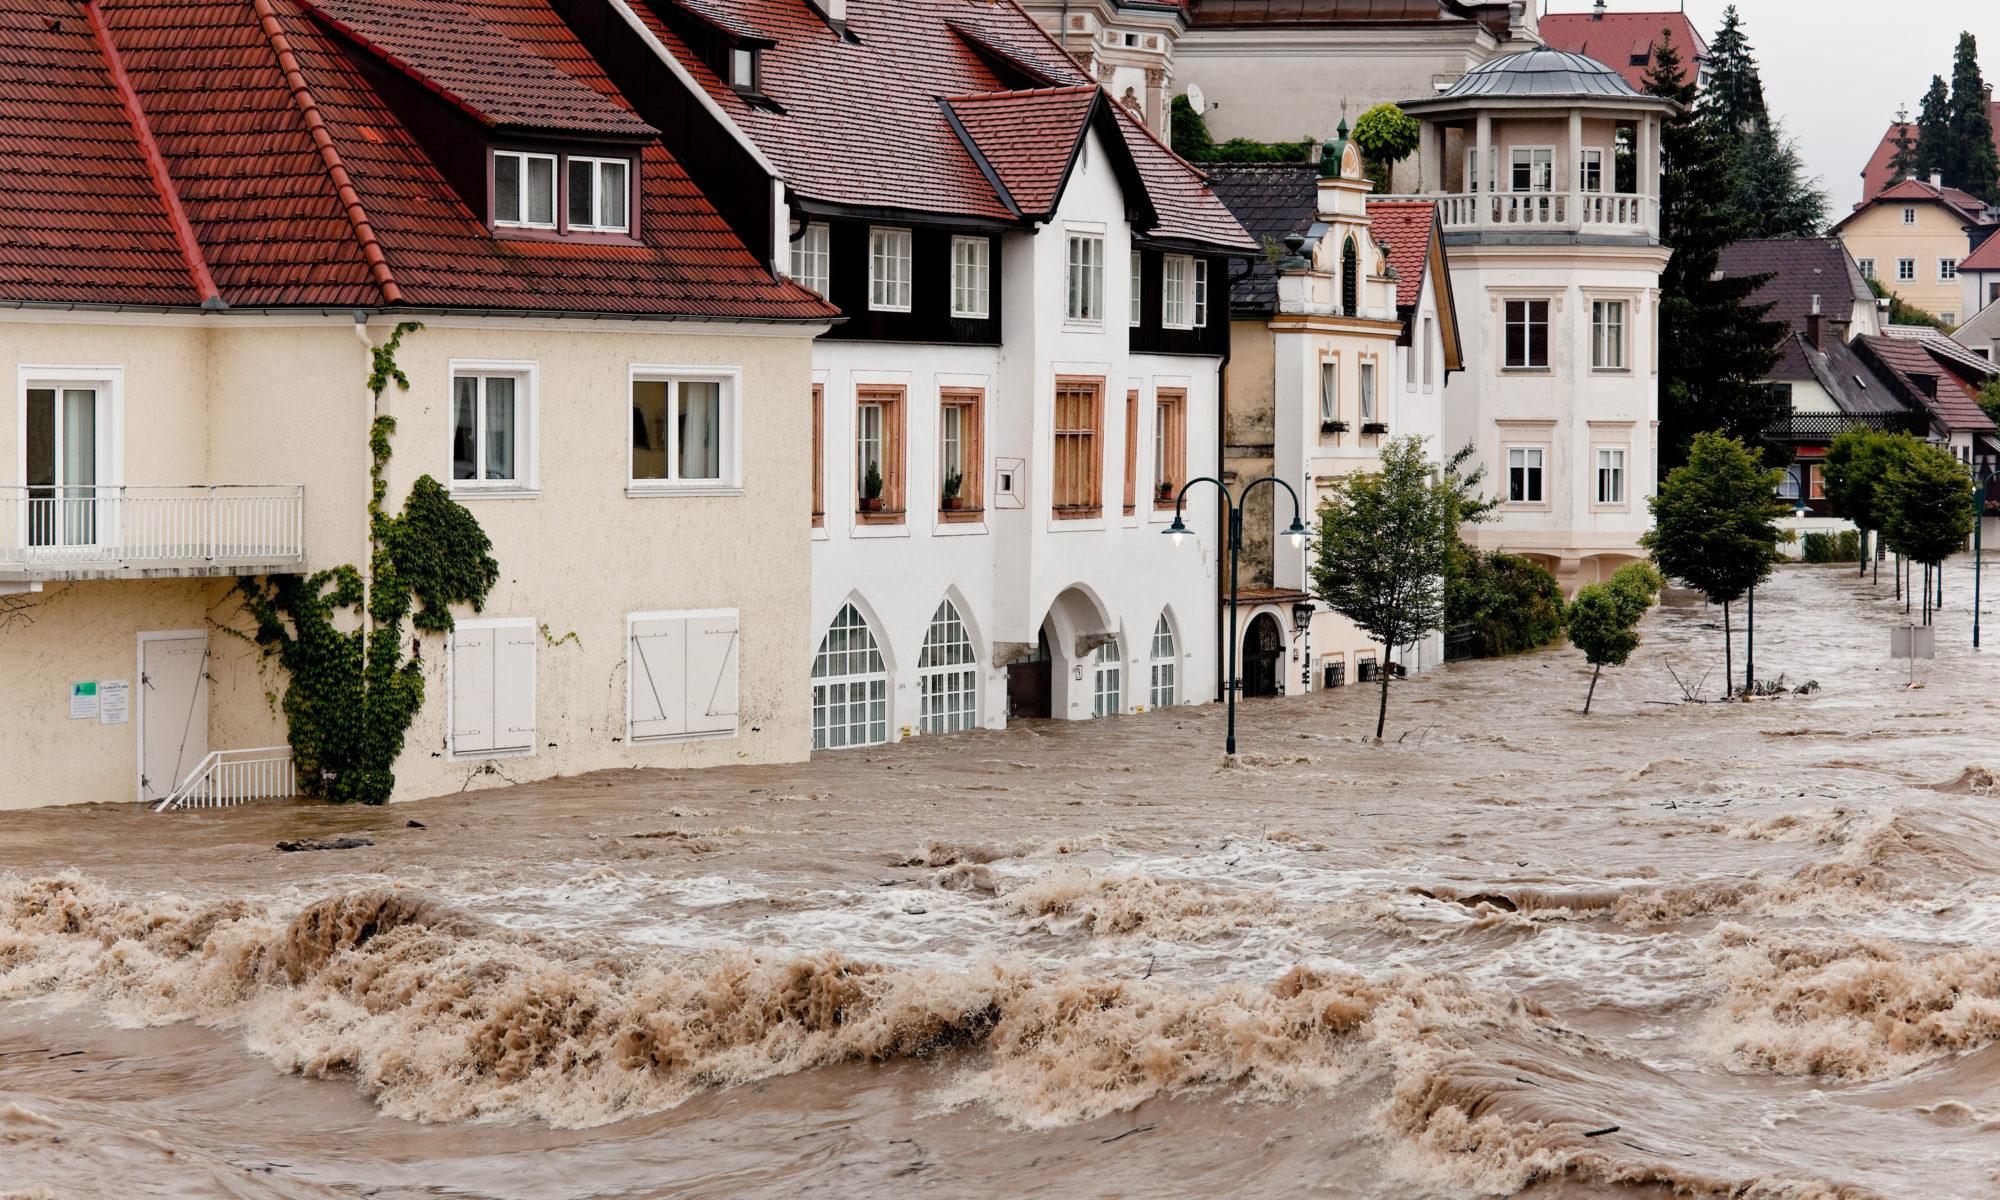 AdobeStock 49754676 2000x1200 - Hartz IV: Anspruch wegen Hochwasserschäden